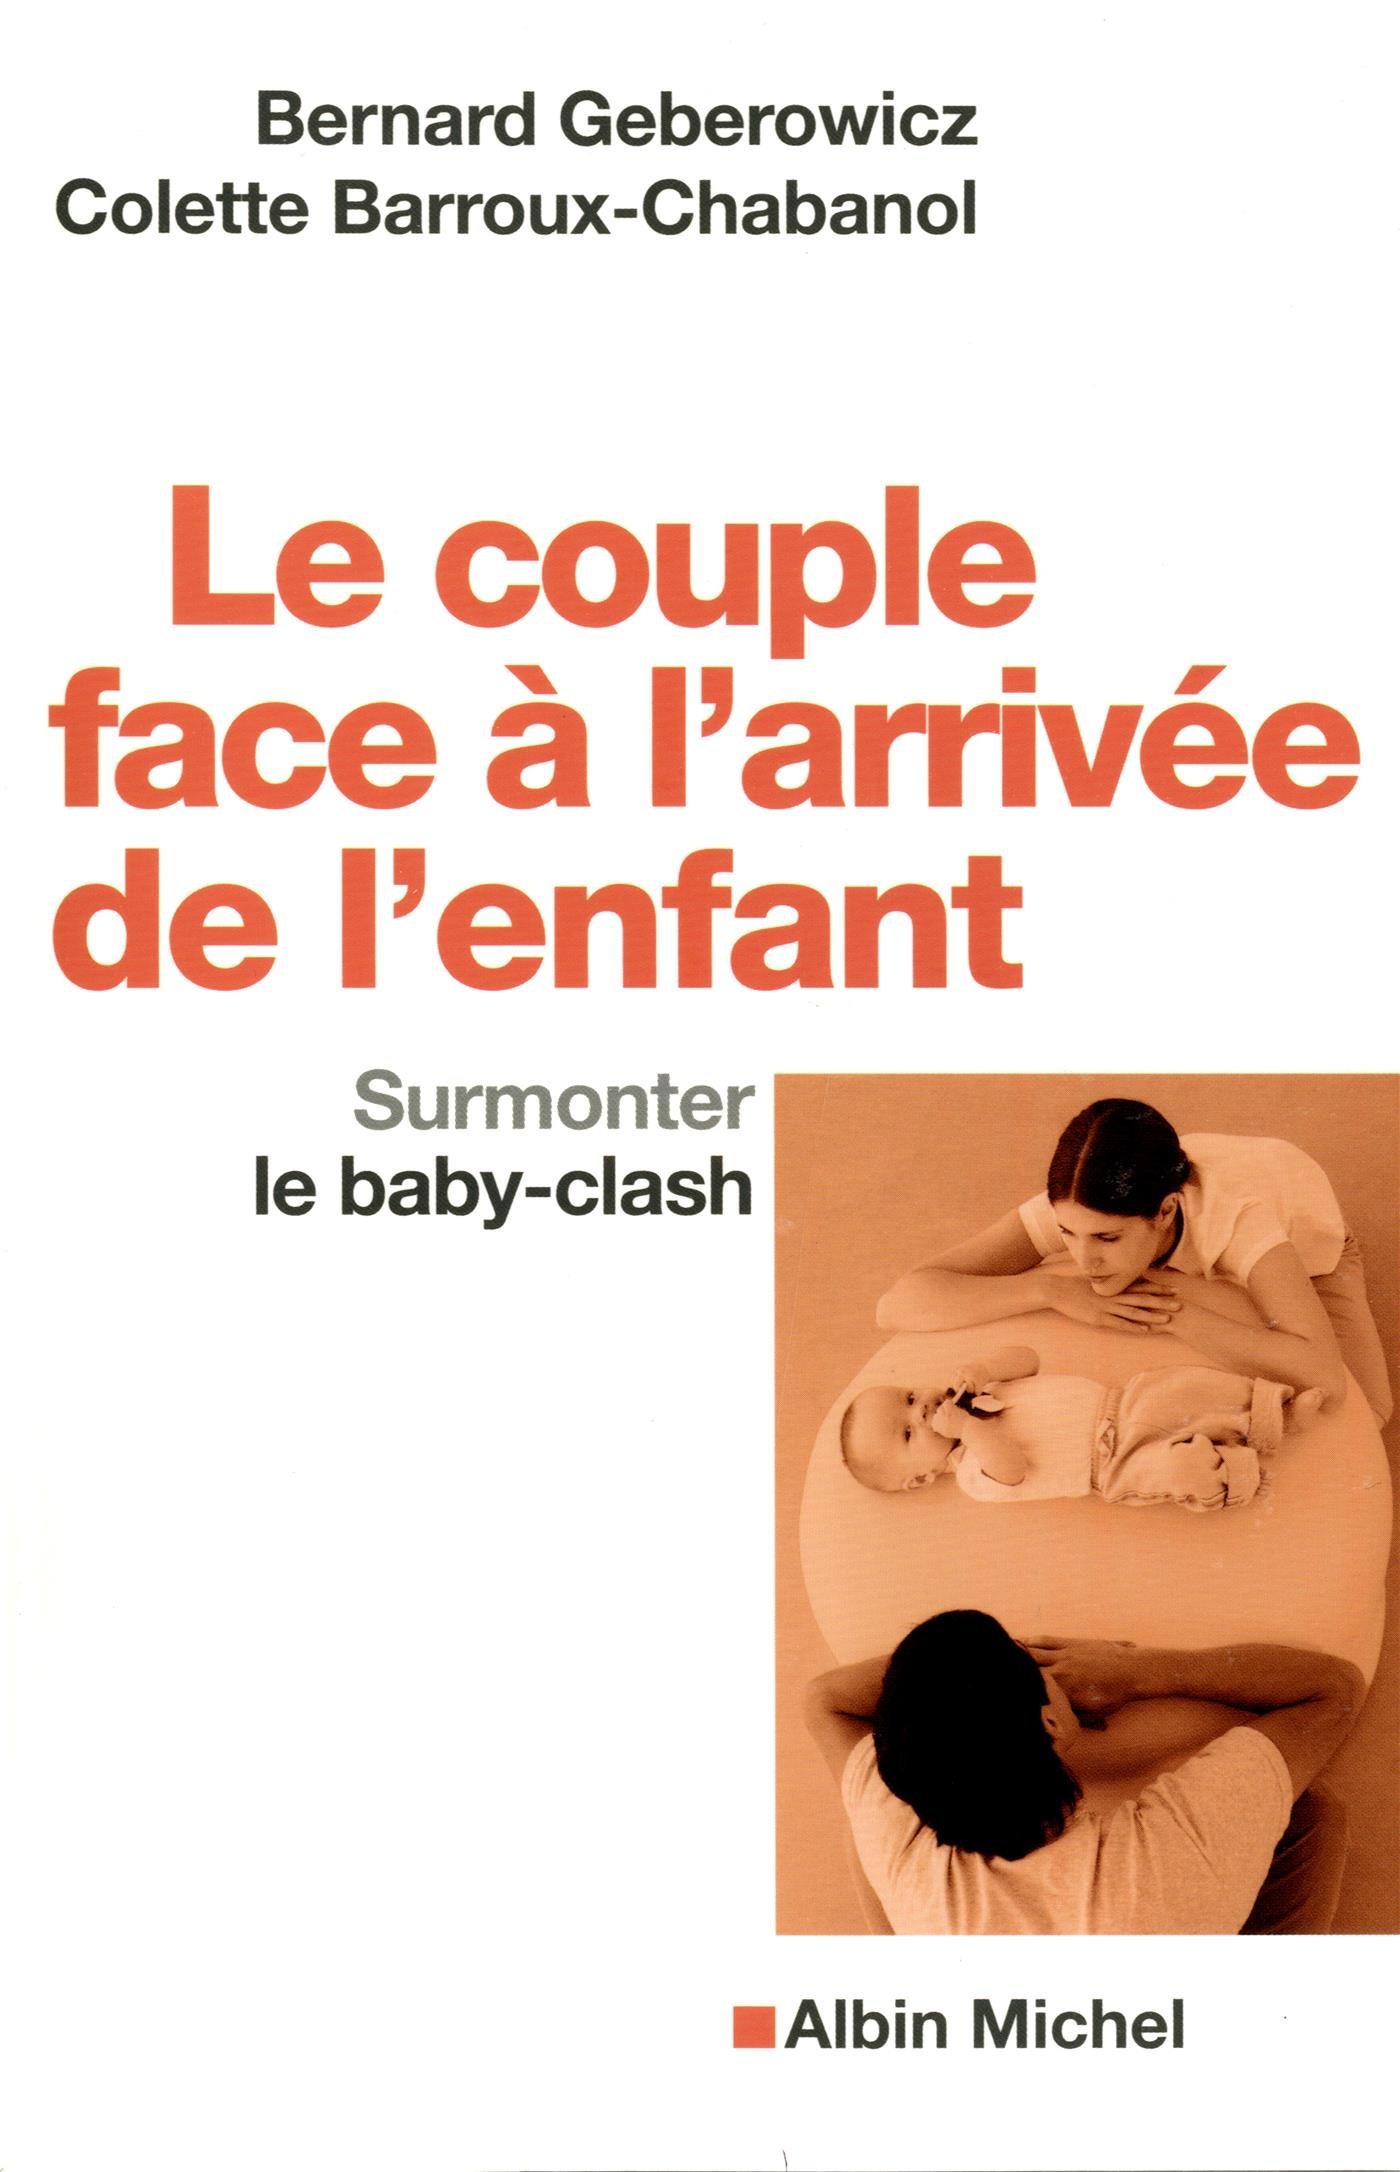 Le couple face à l'arrivée de l'enfant : Surmonter le baby-clash